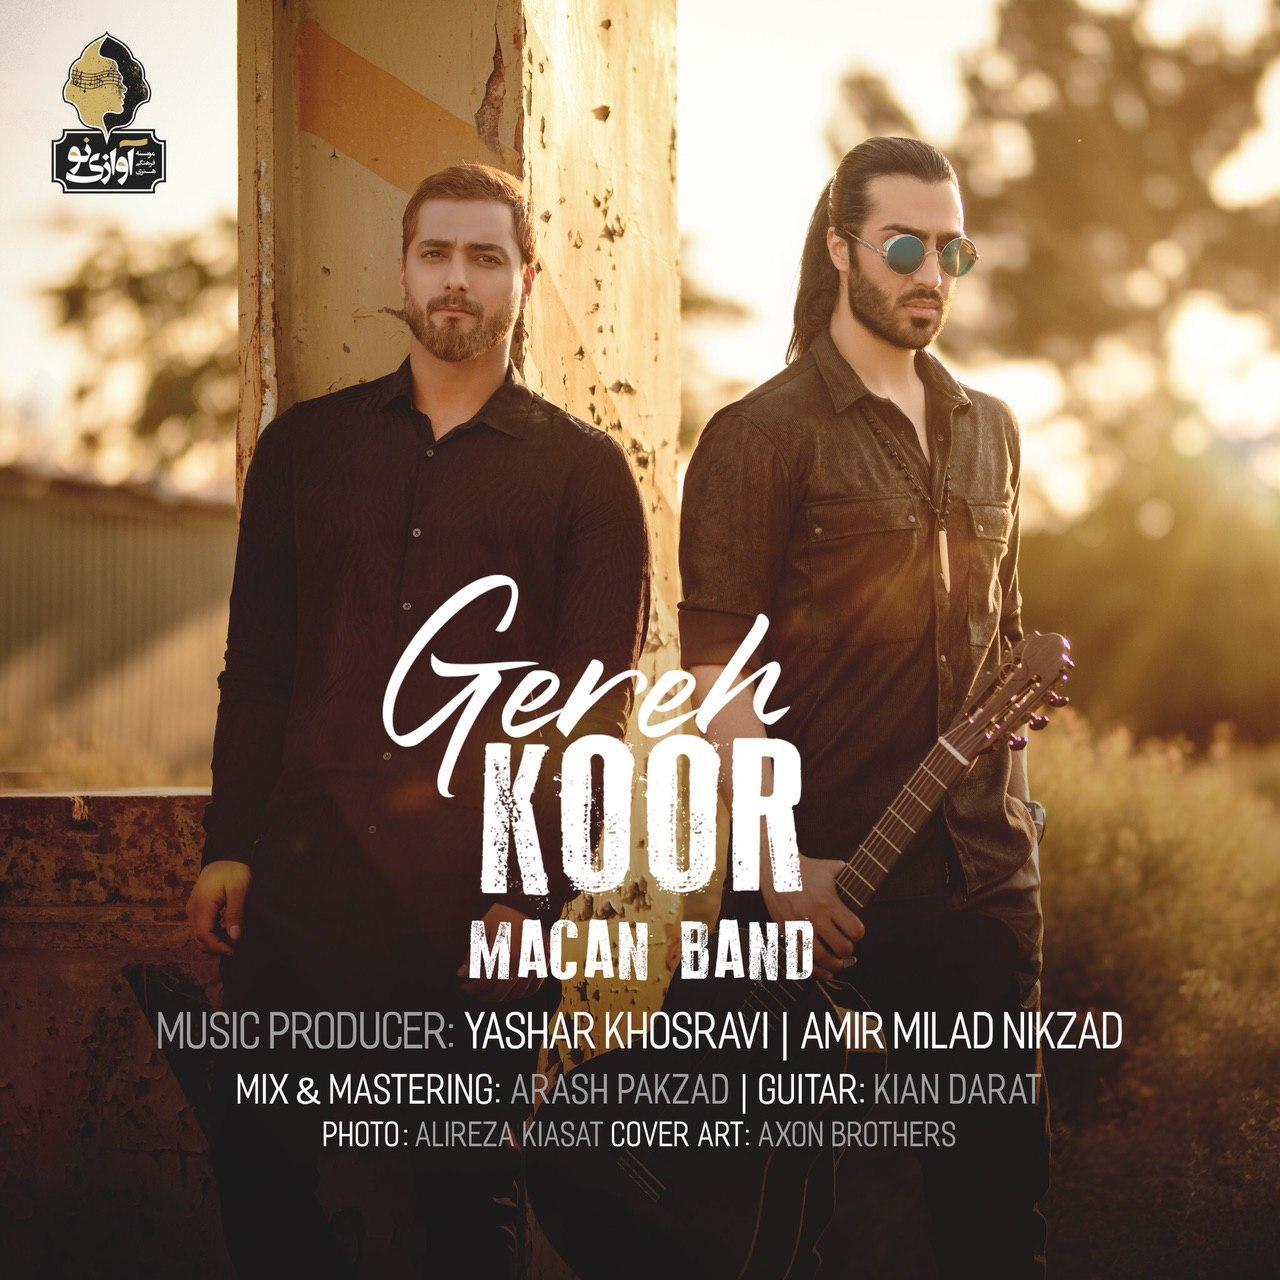 Macan Band – Gereh Koor